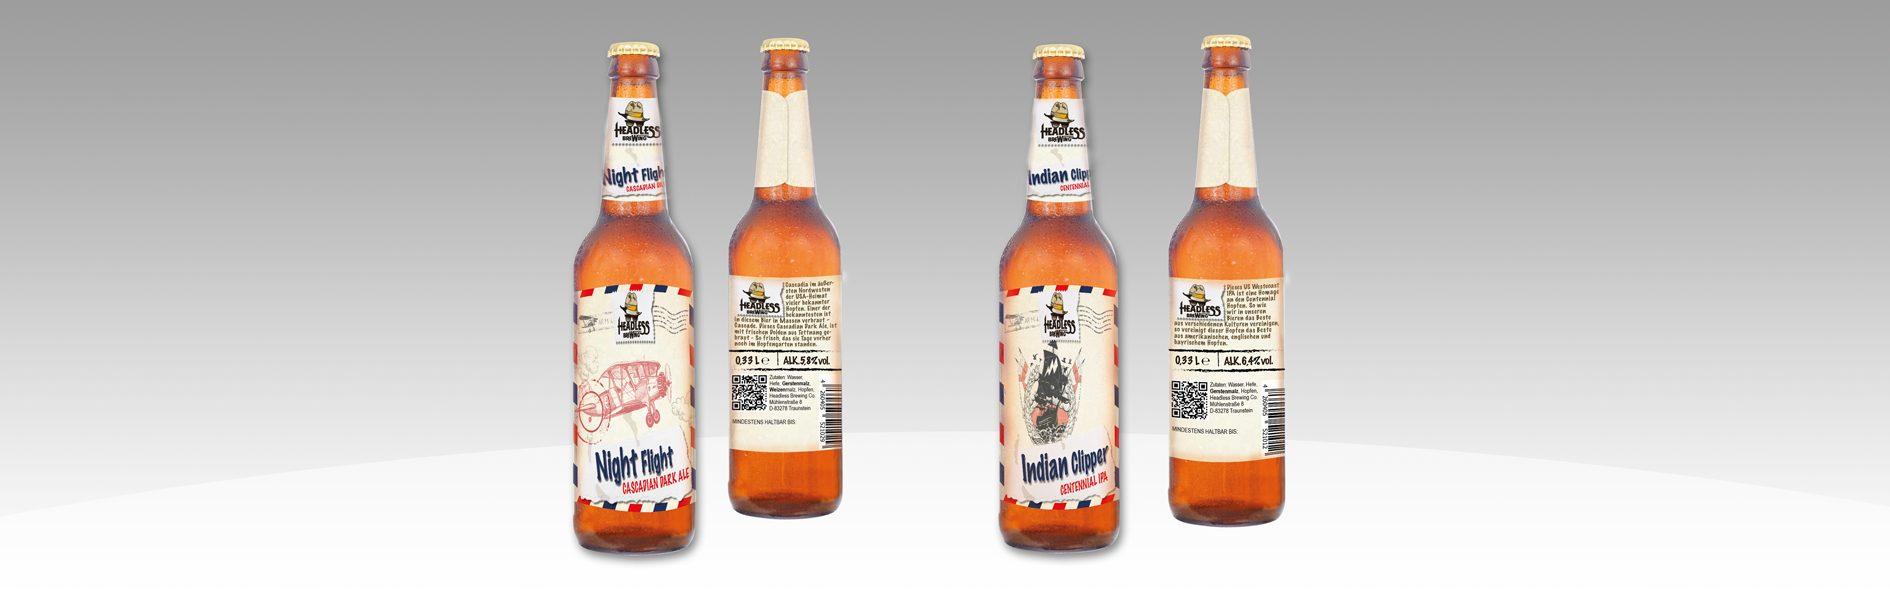 Hier sind vier Etiketten vom Headless Brewing abgebildet.